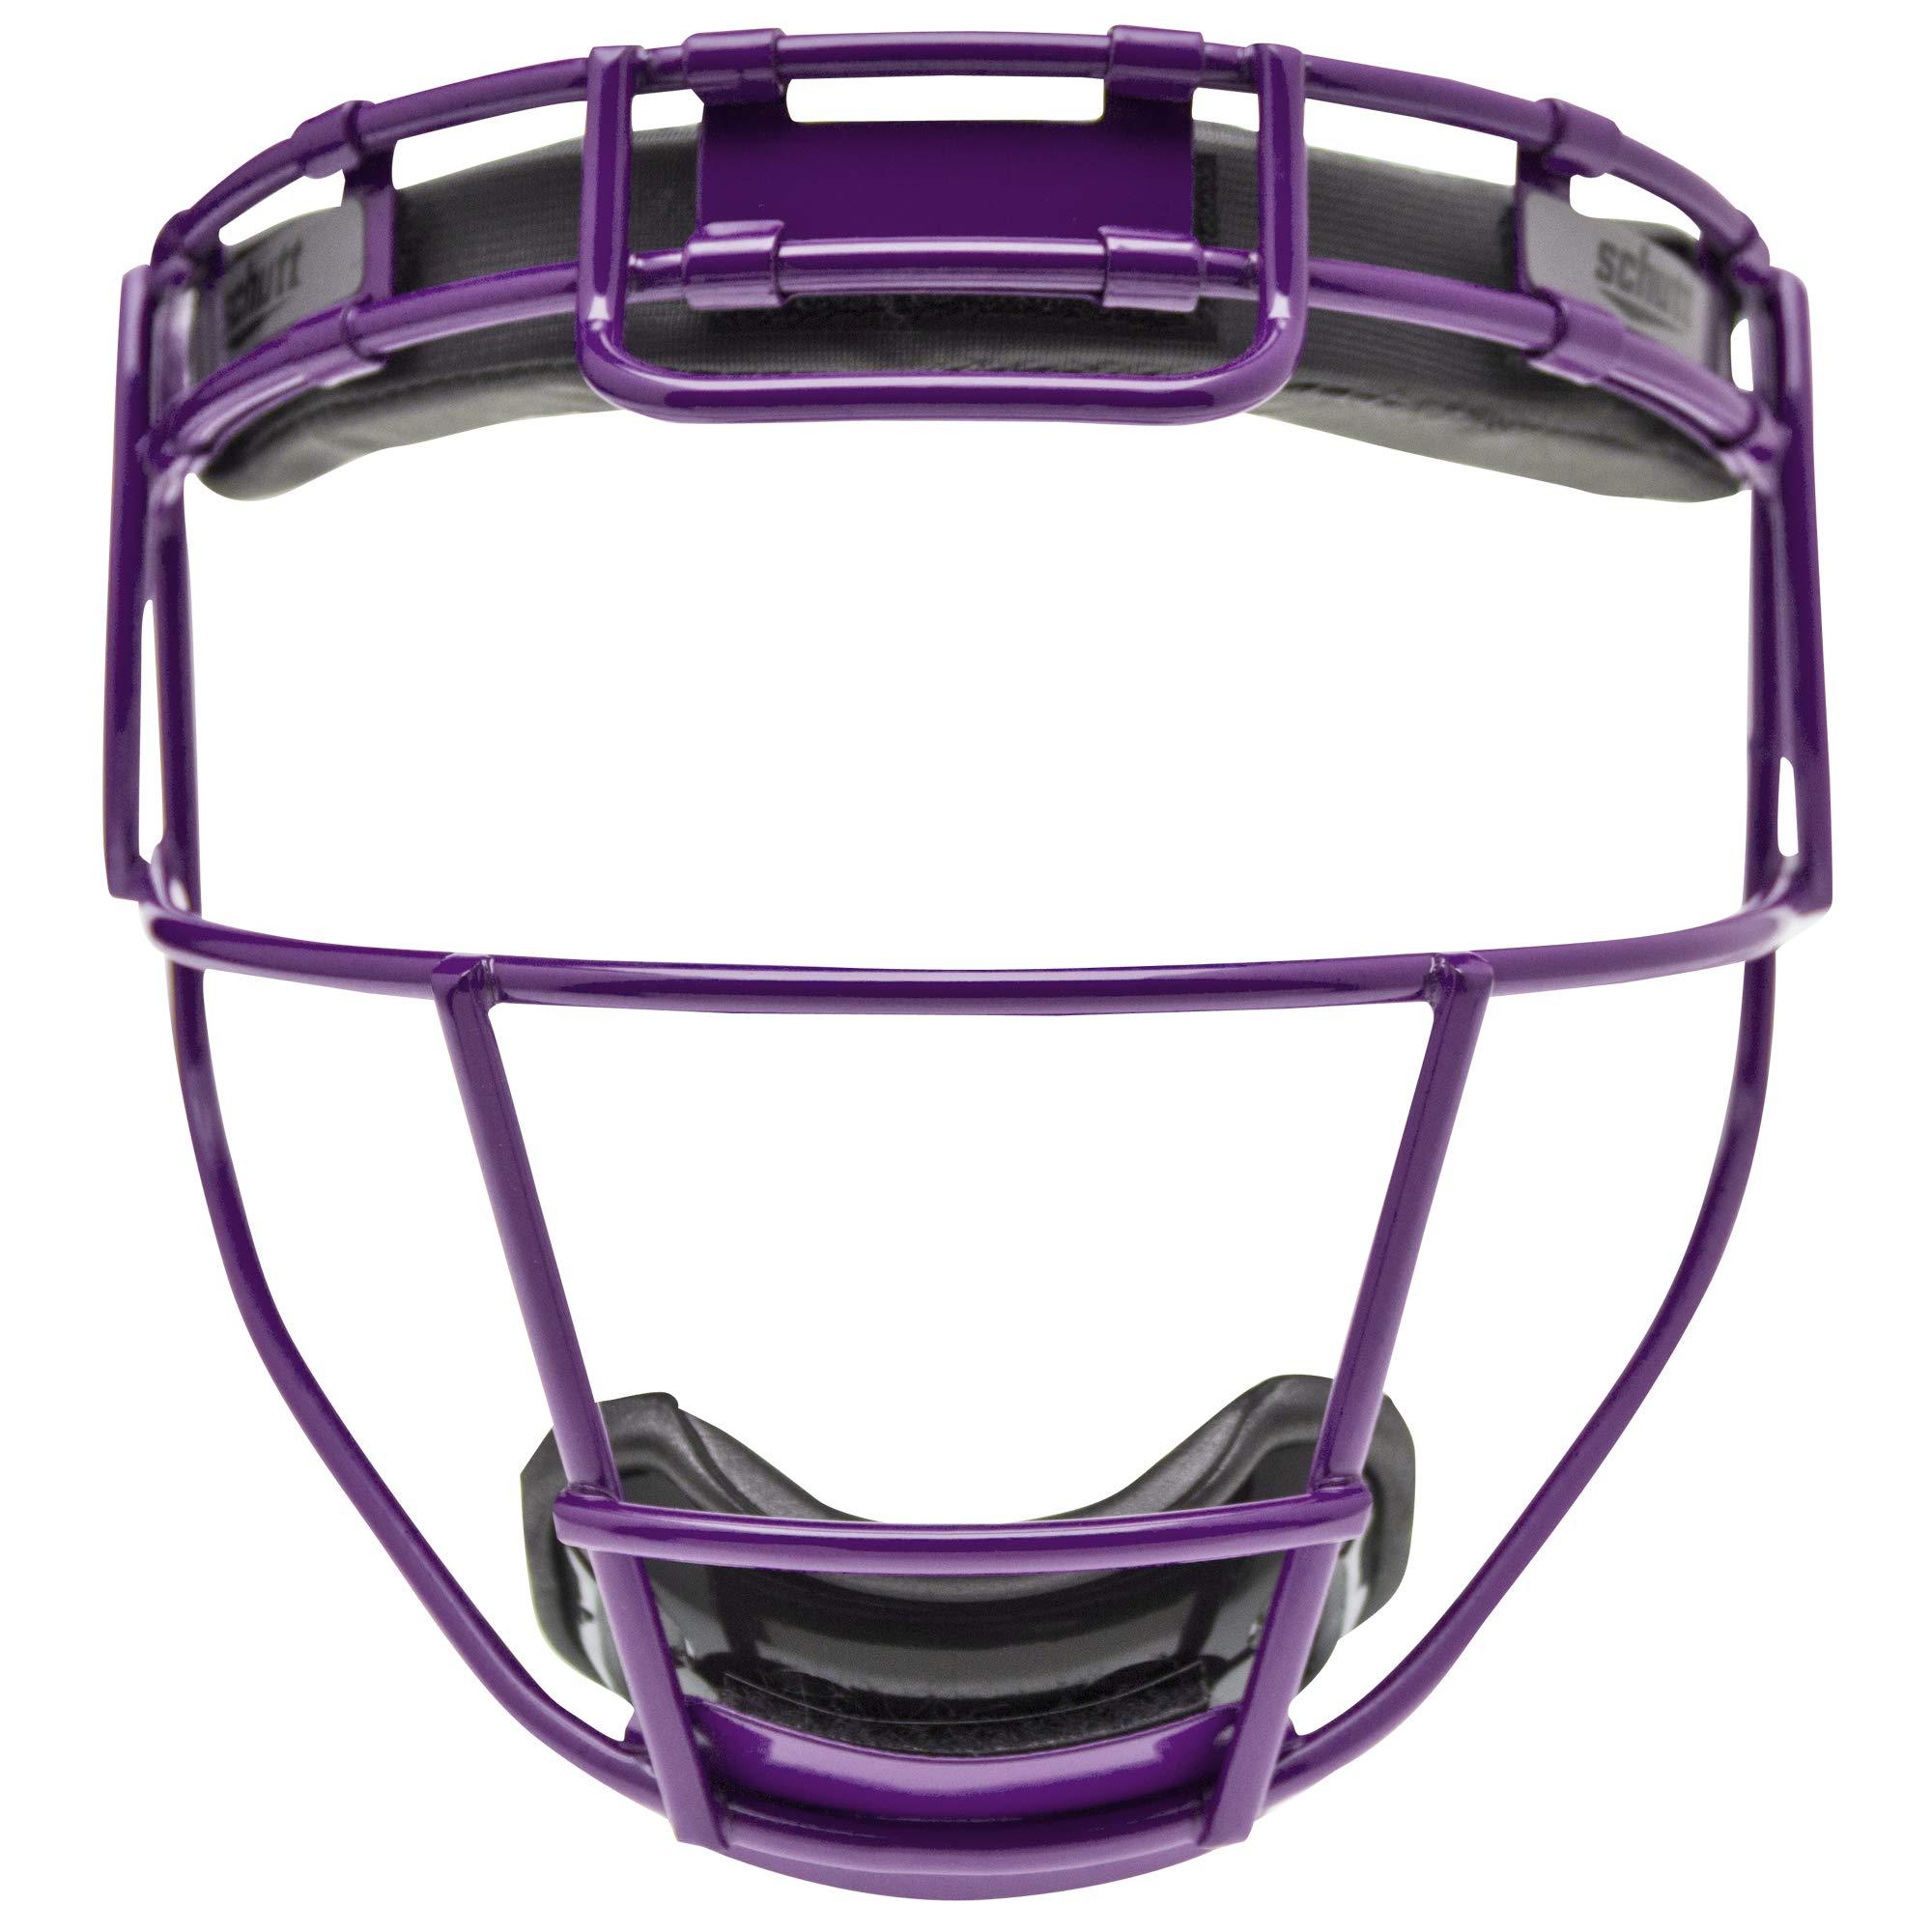 Schutt Sports Softball Fielders Guard, Youth, Purple by Schutt